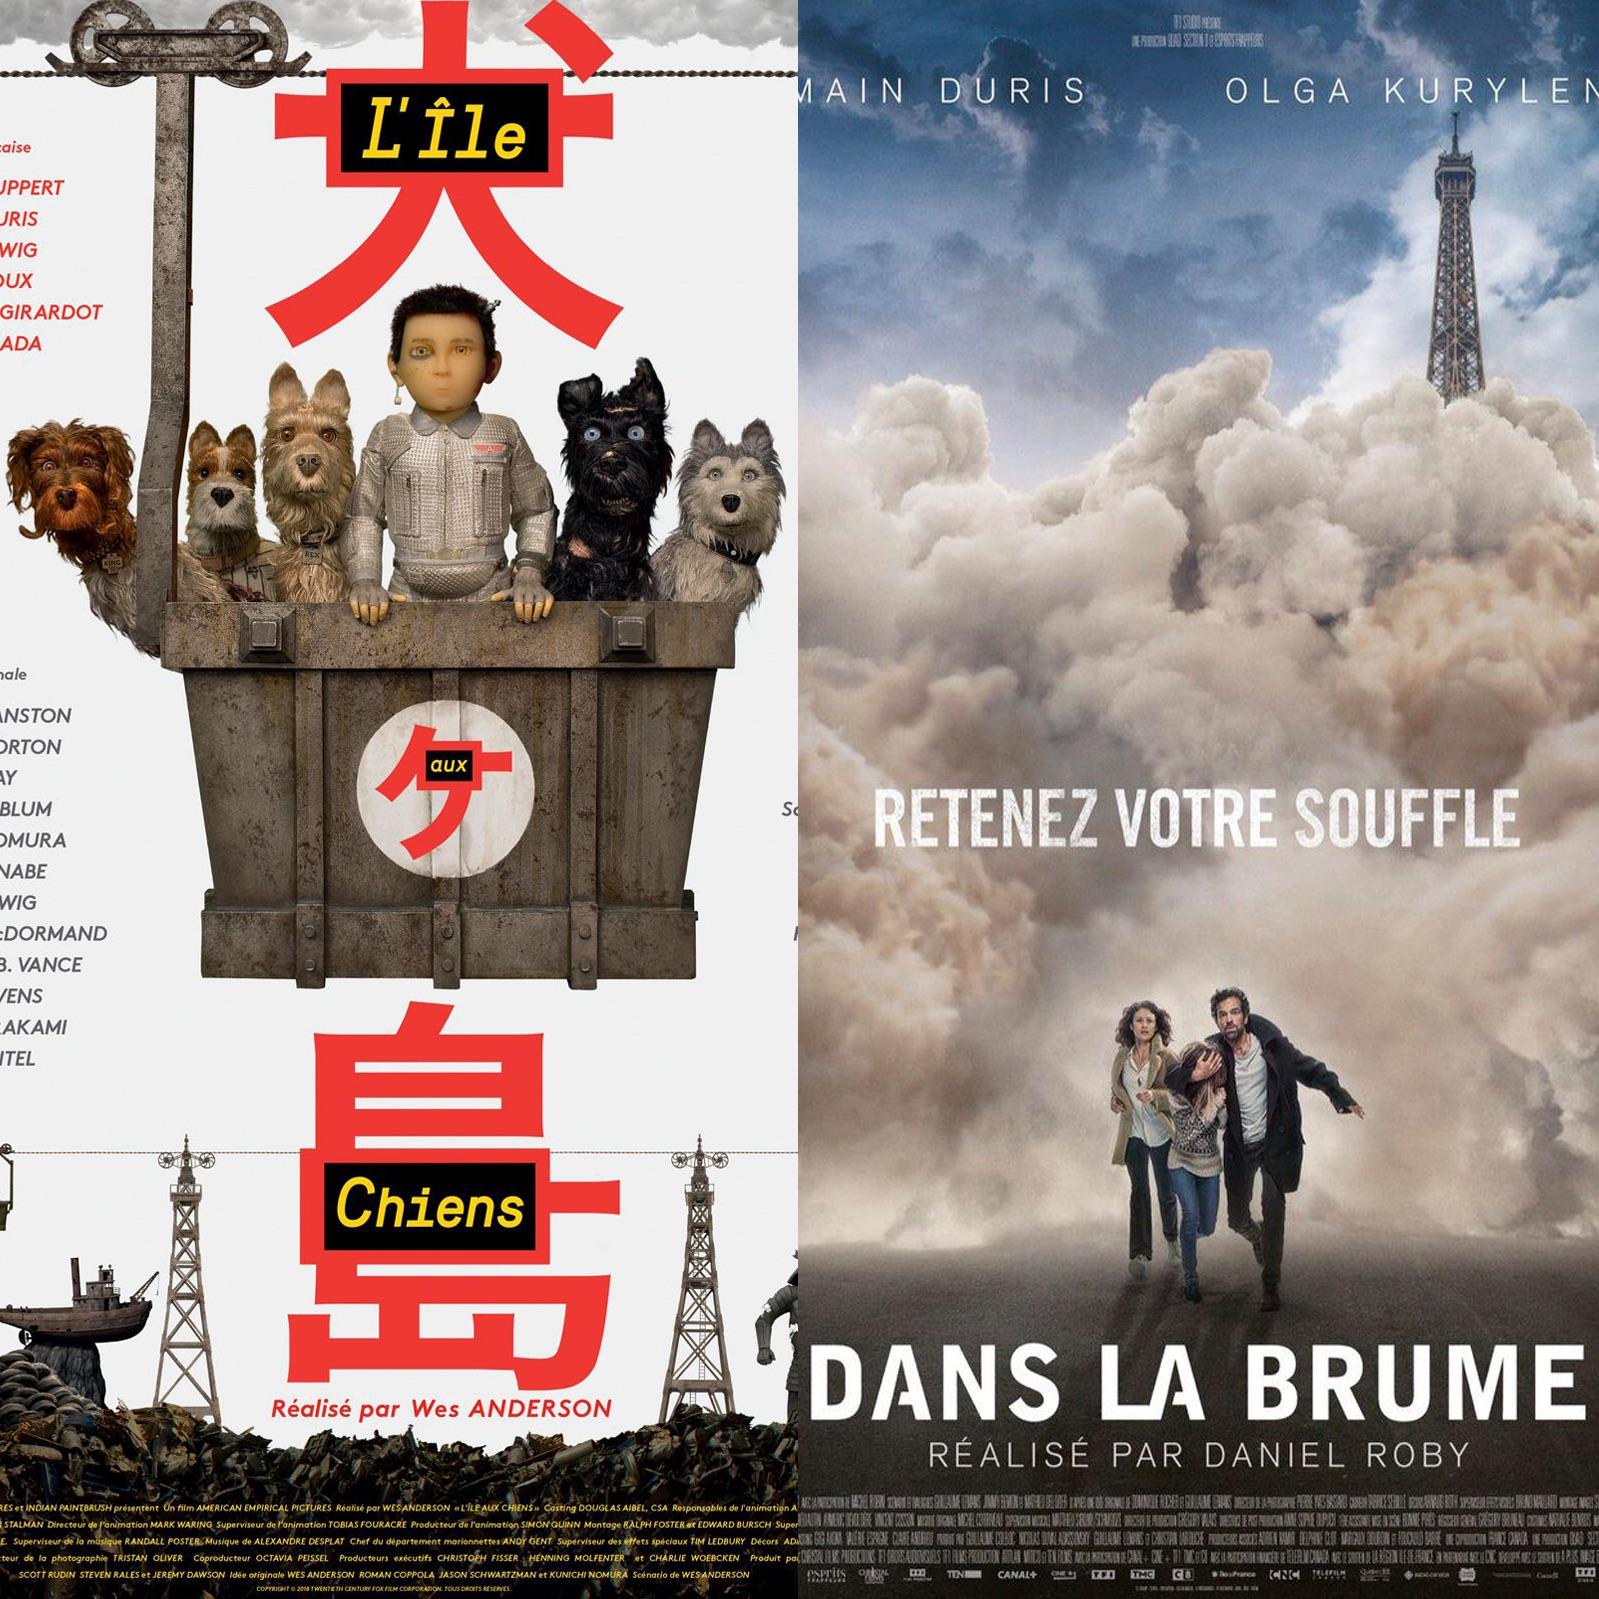 L'ÎLE AUX CHIENS (Isle of Dogs) & DANS LA BRUME : Chiennes de Villes